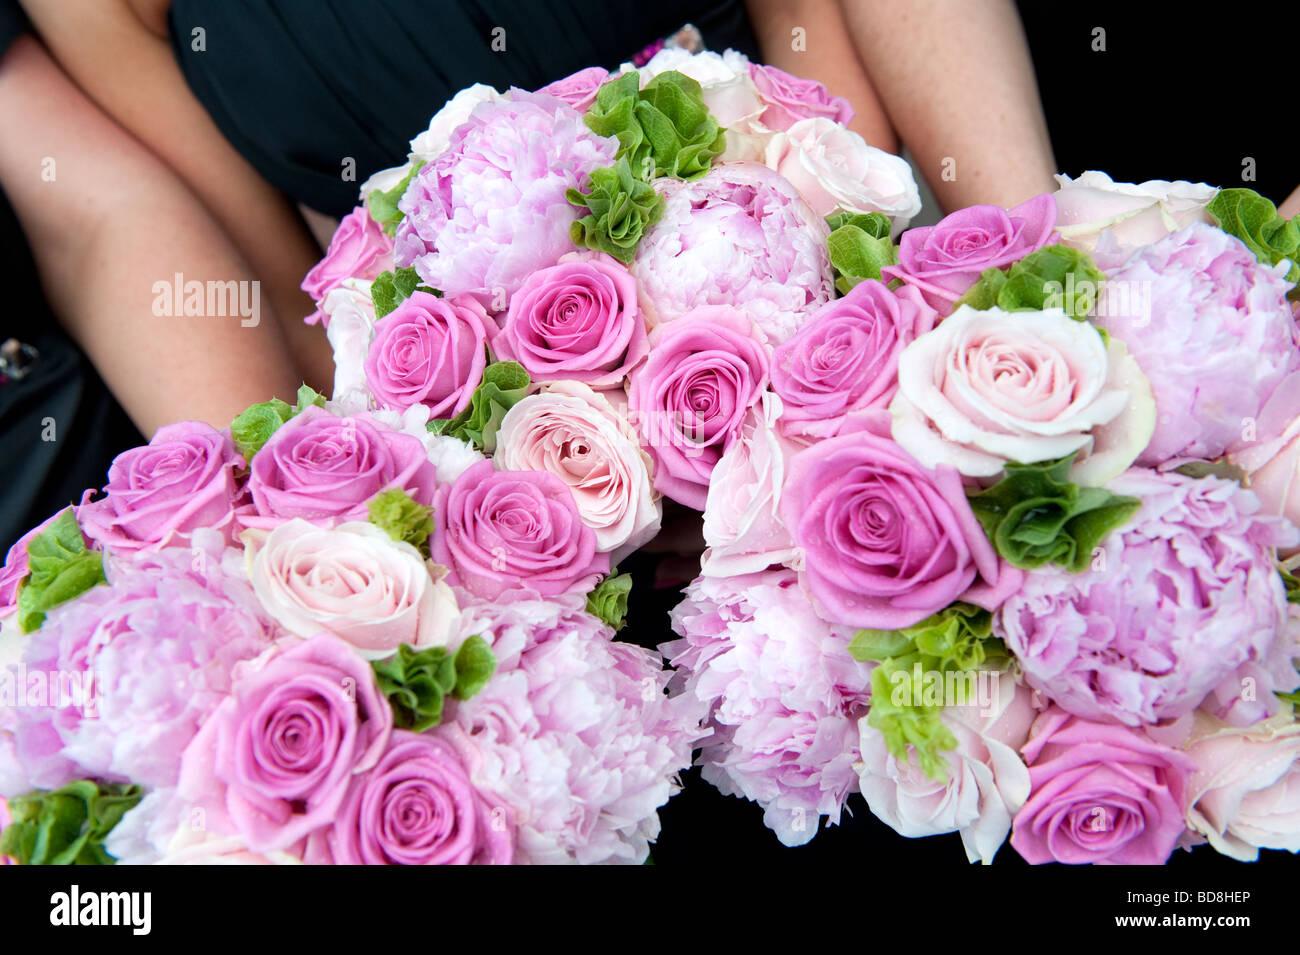 Bridesmaids flowers Stock Photo: 25390254 - Alamy